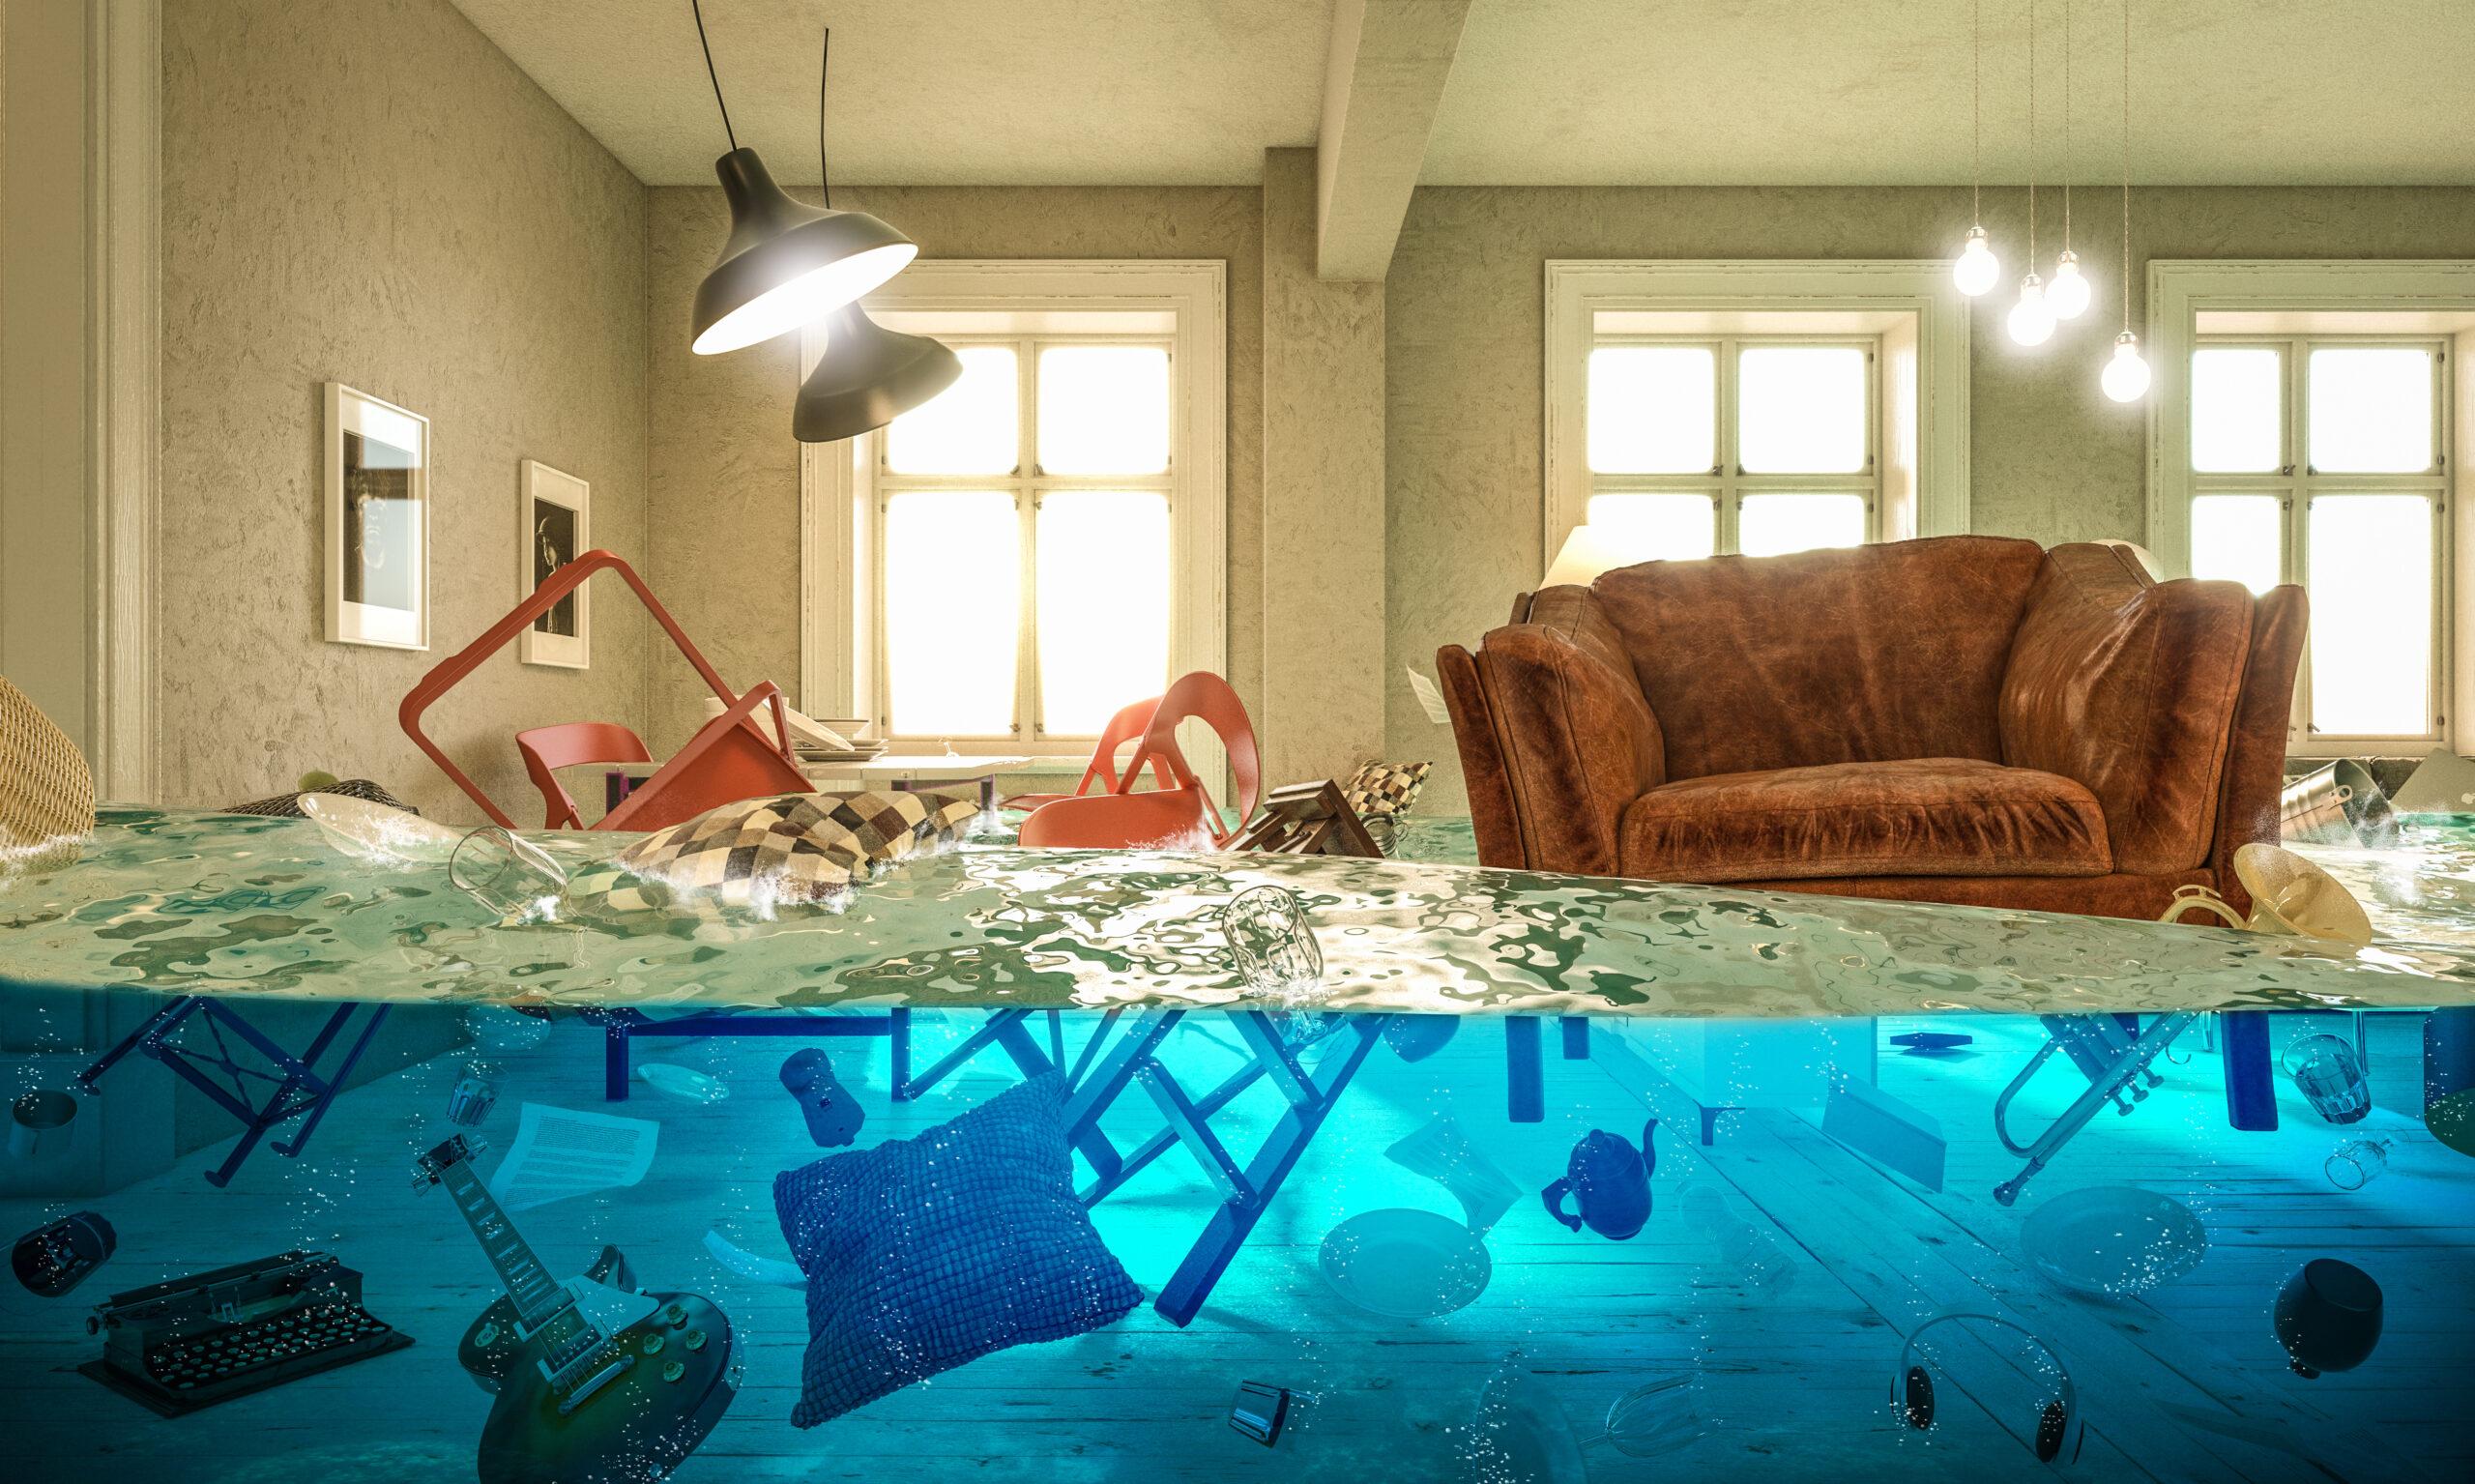 Basement_flooded